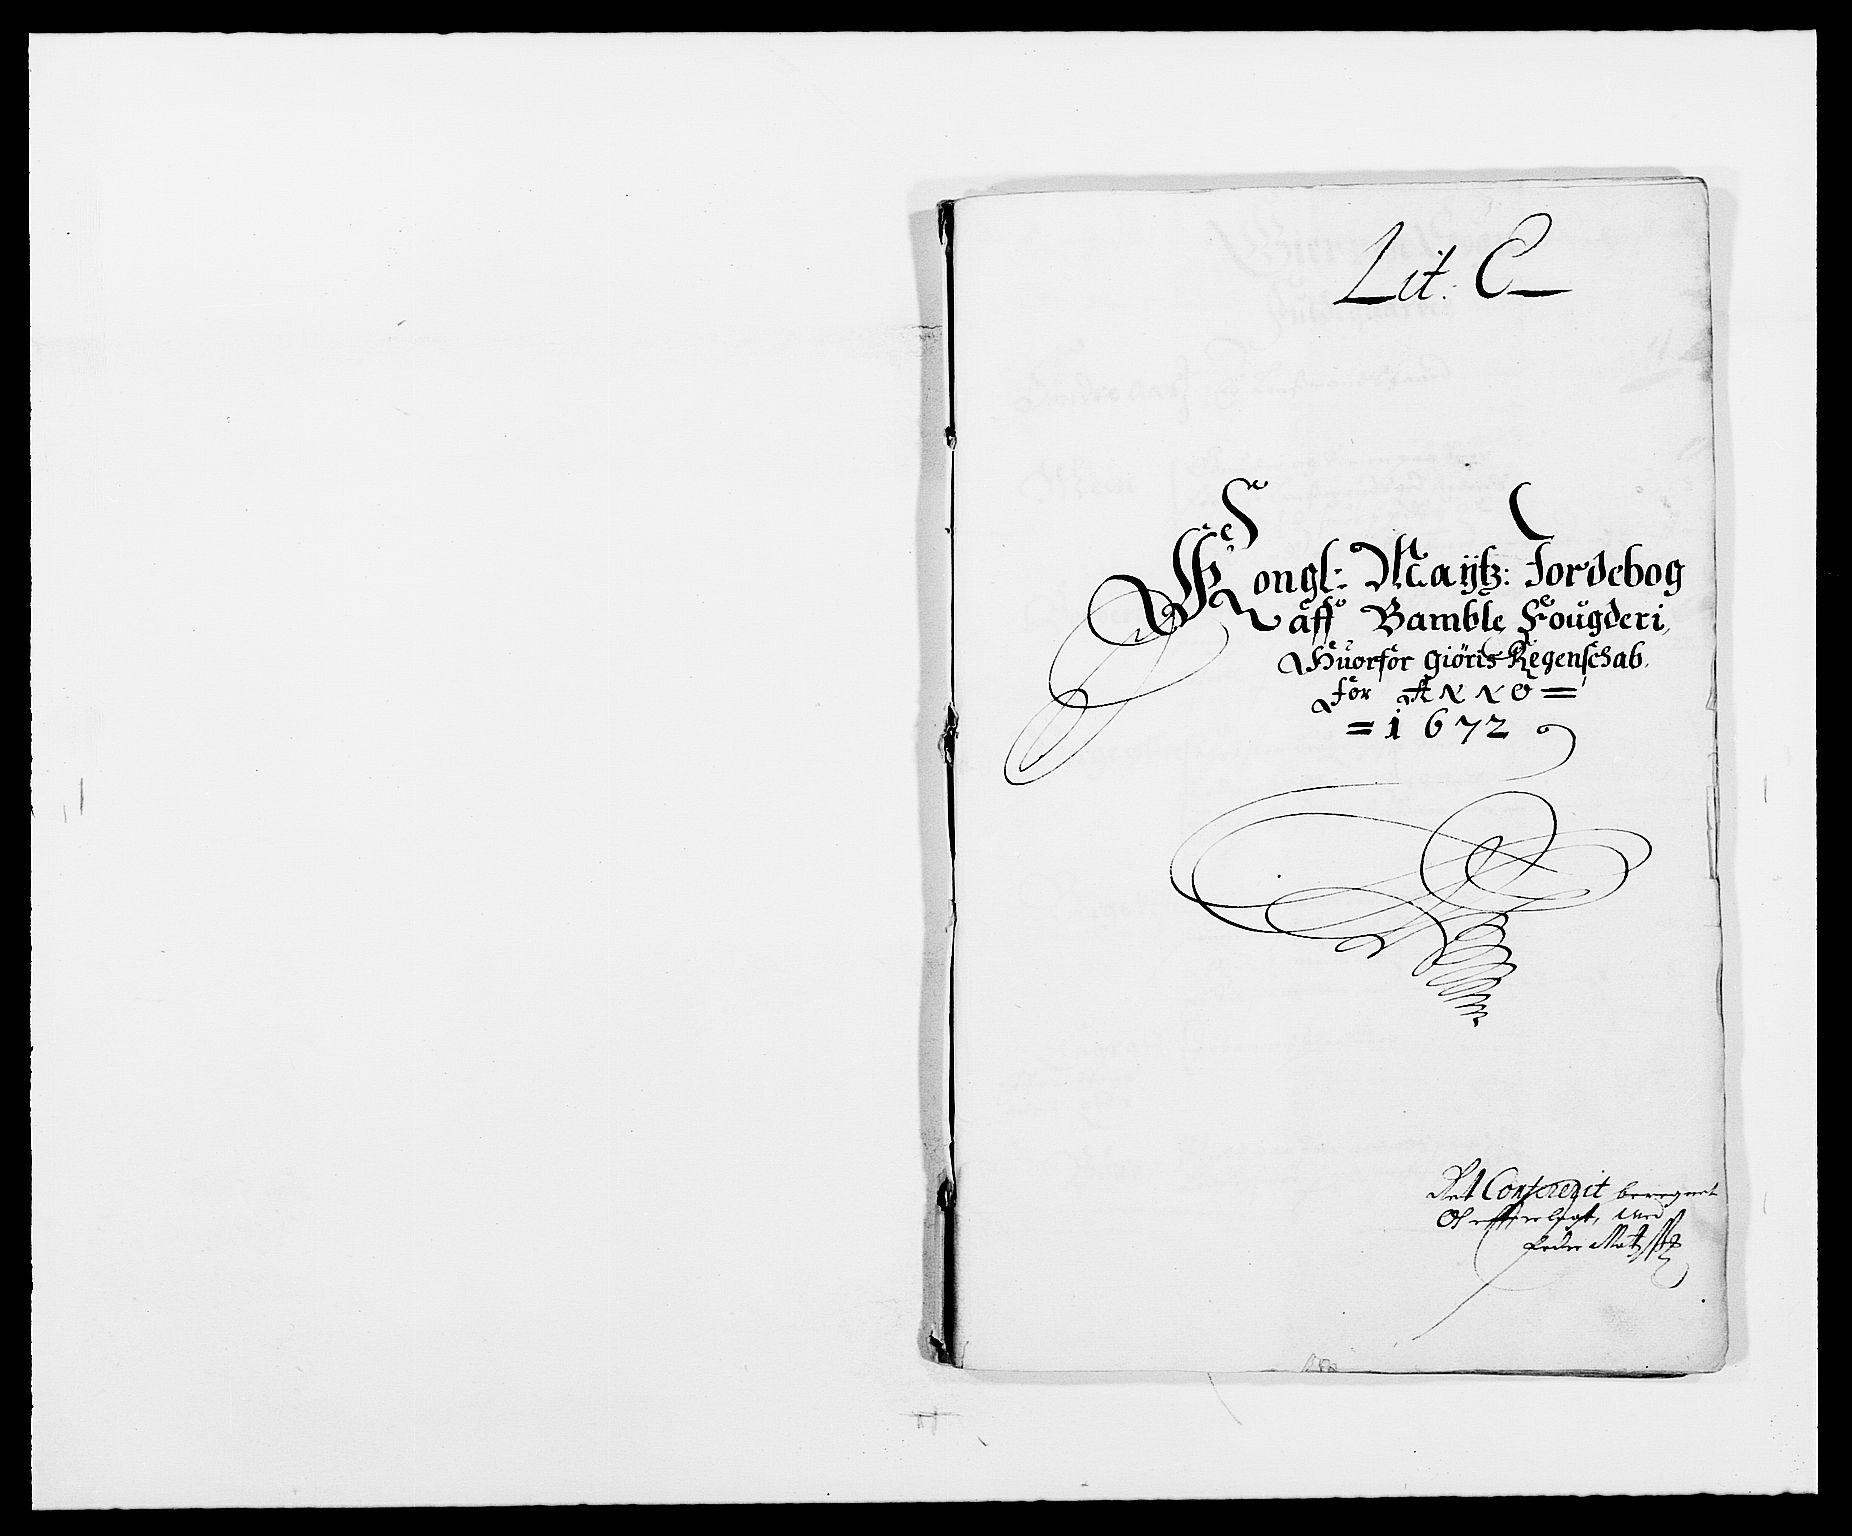 RA, Rentekammeret inntil 1814, Reviderte regnskaper, Fogderegnskap, R34/L2041: Fogderegnskap Bamble, 1670-1672, s. 332